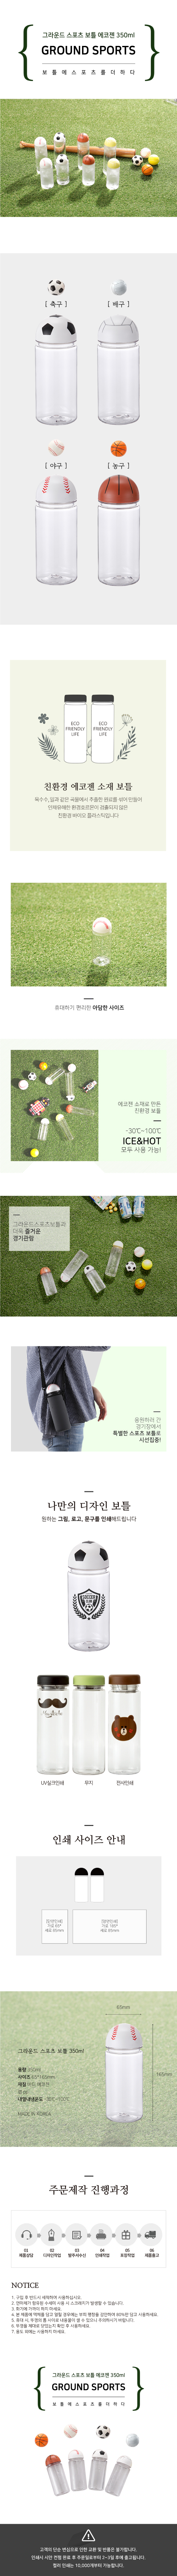 그라운드스포츠-에코젠-350_상페_1122수정.jpg